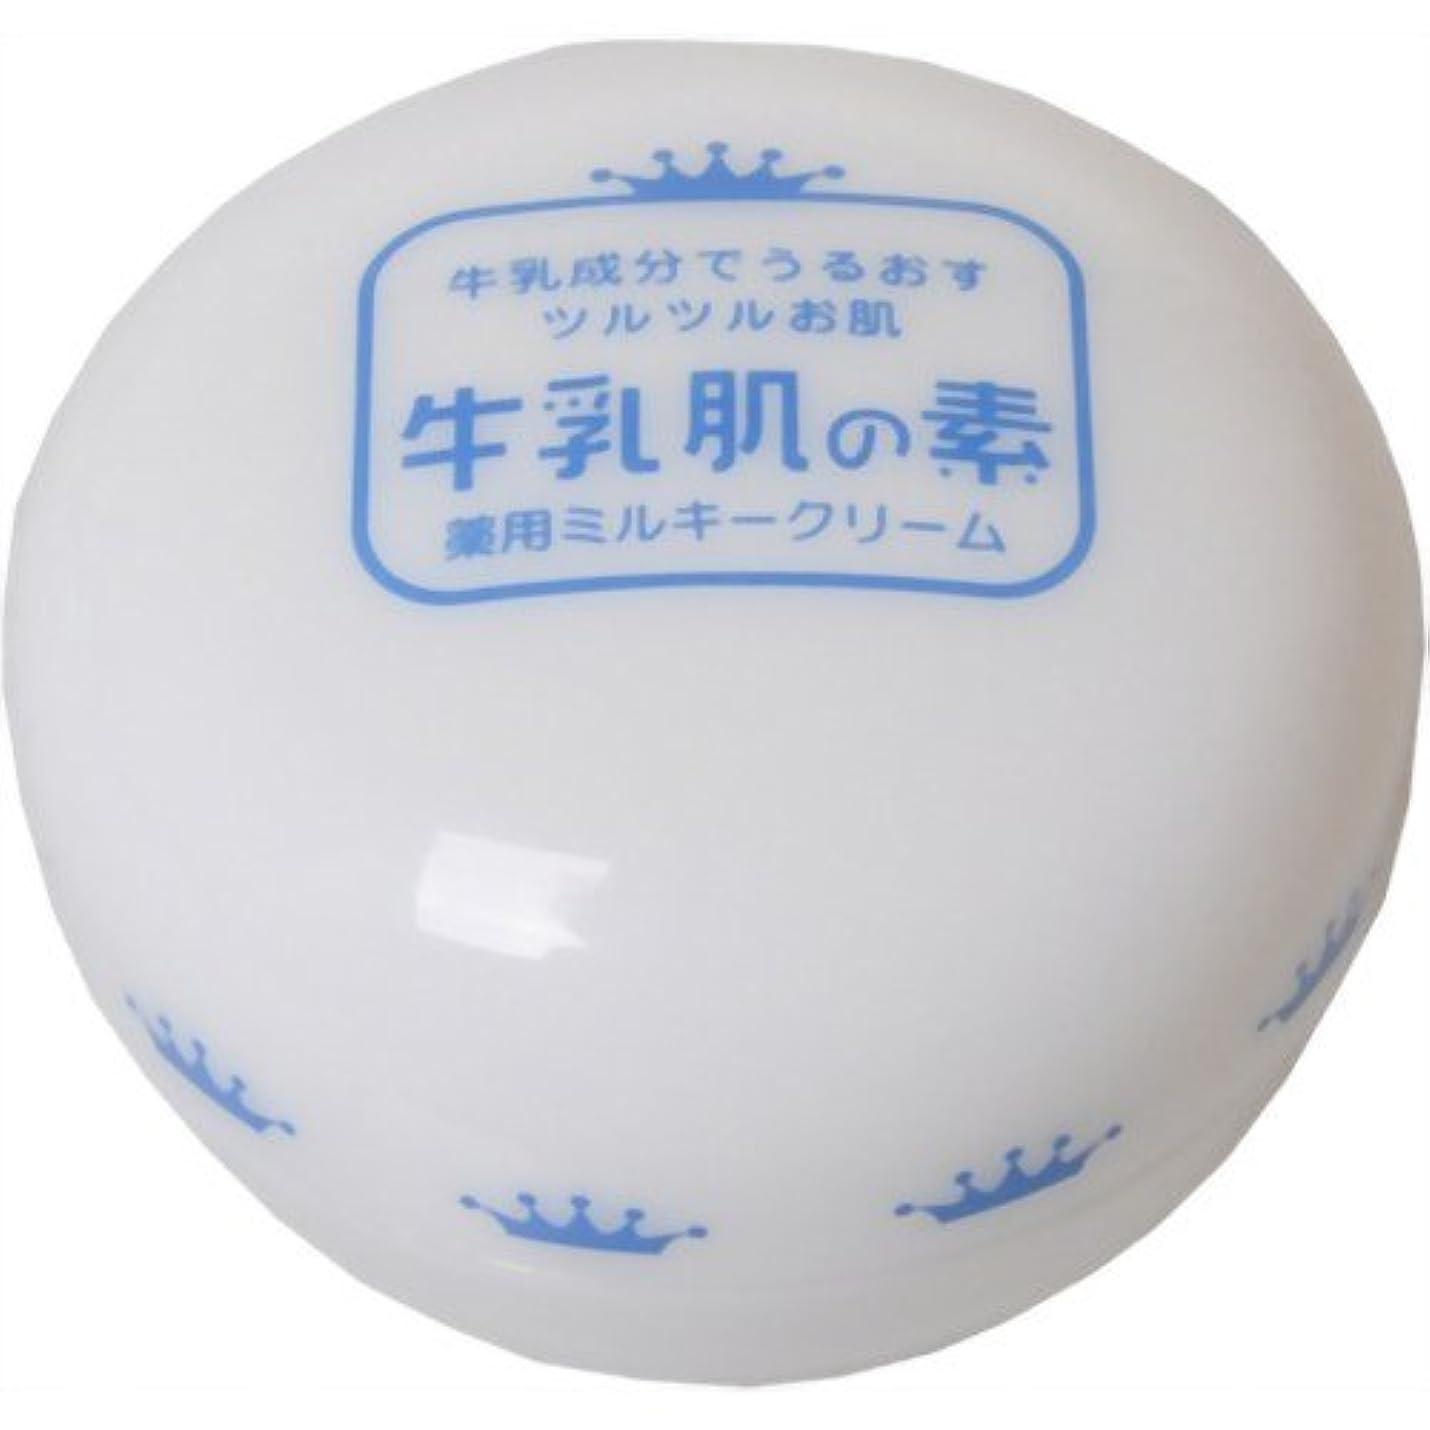 襟無許可グレー牛乳肌の素 薬用ミルキークリーム 20g